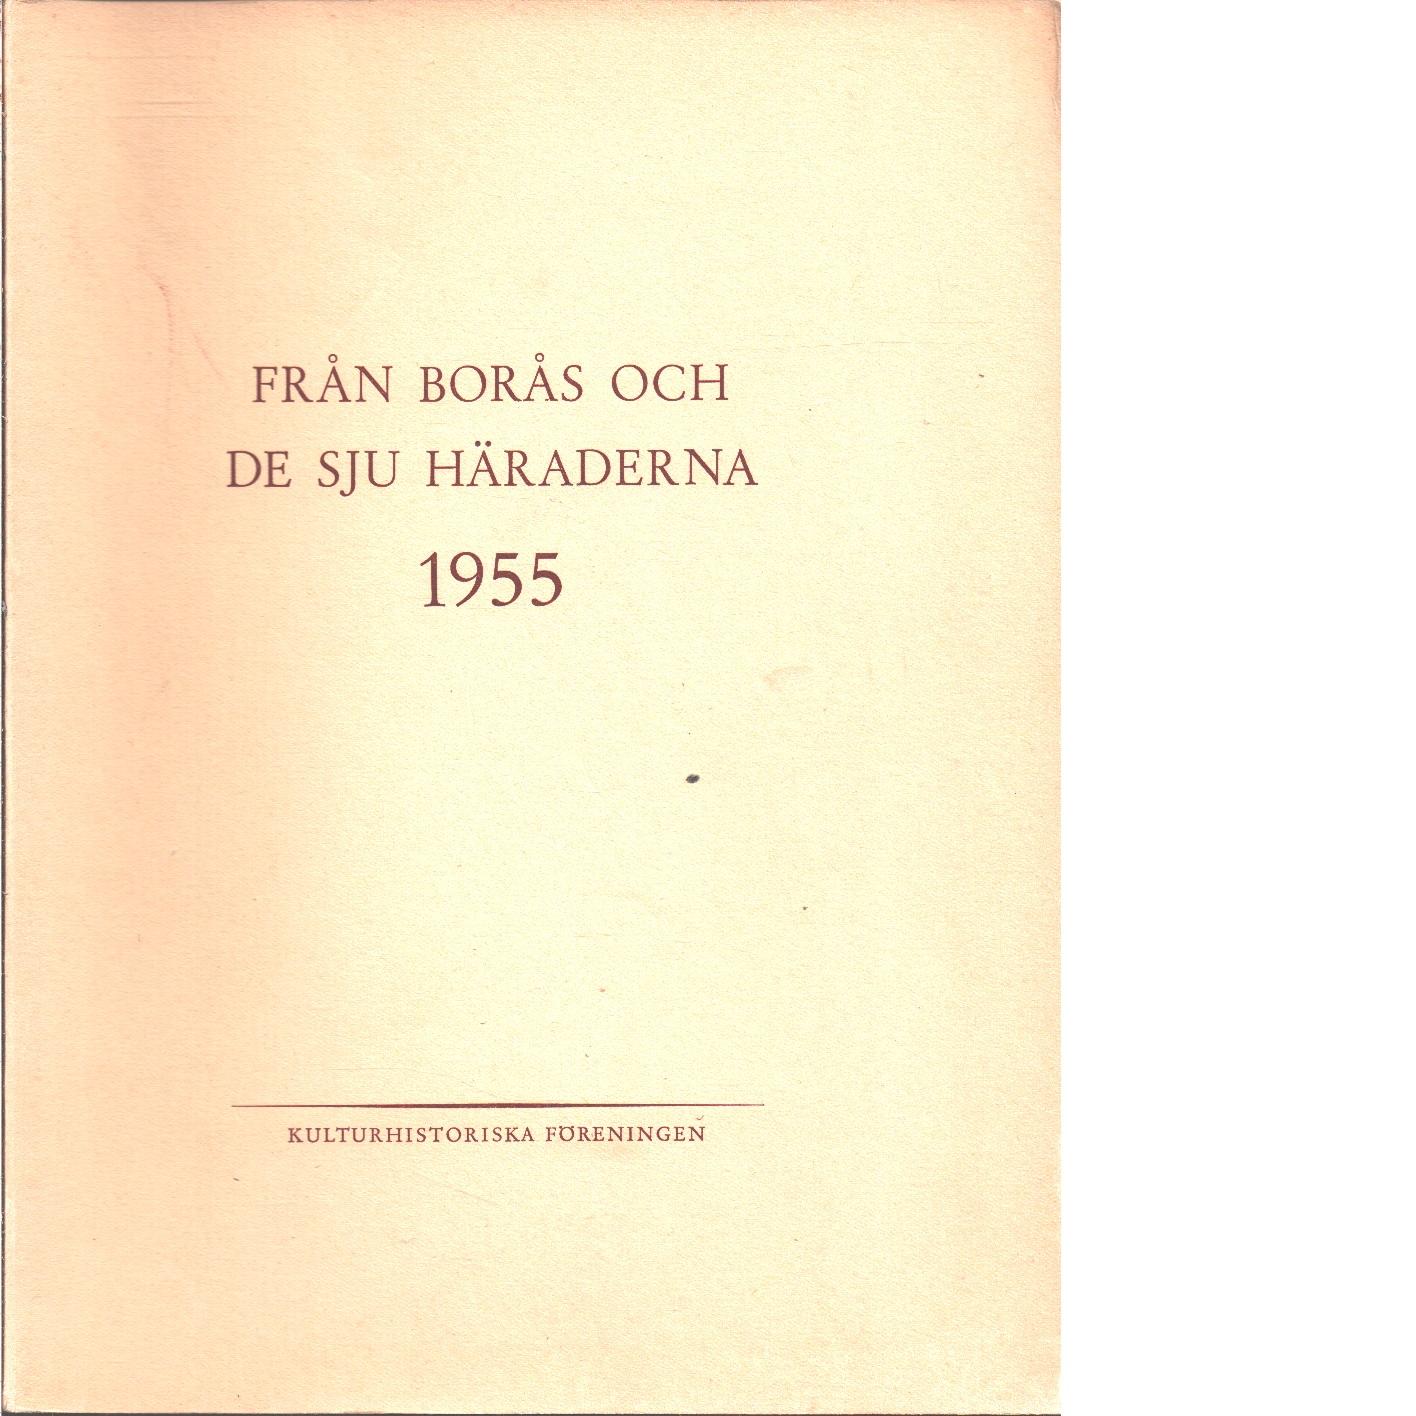 Från Borås och de sju häraderna. 1955 - Red. De sju häradernas kulturhistoriska förening